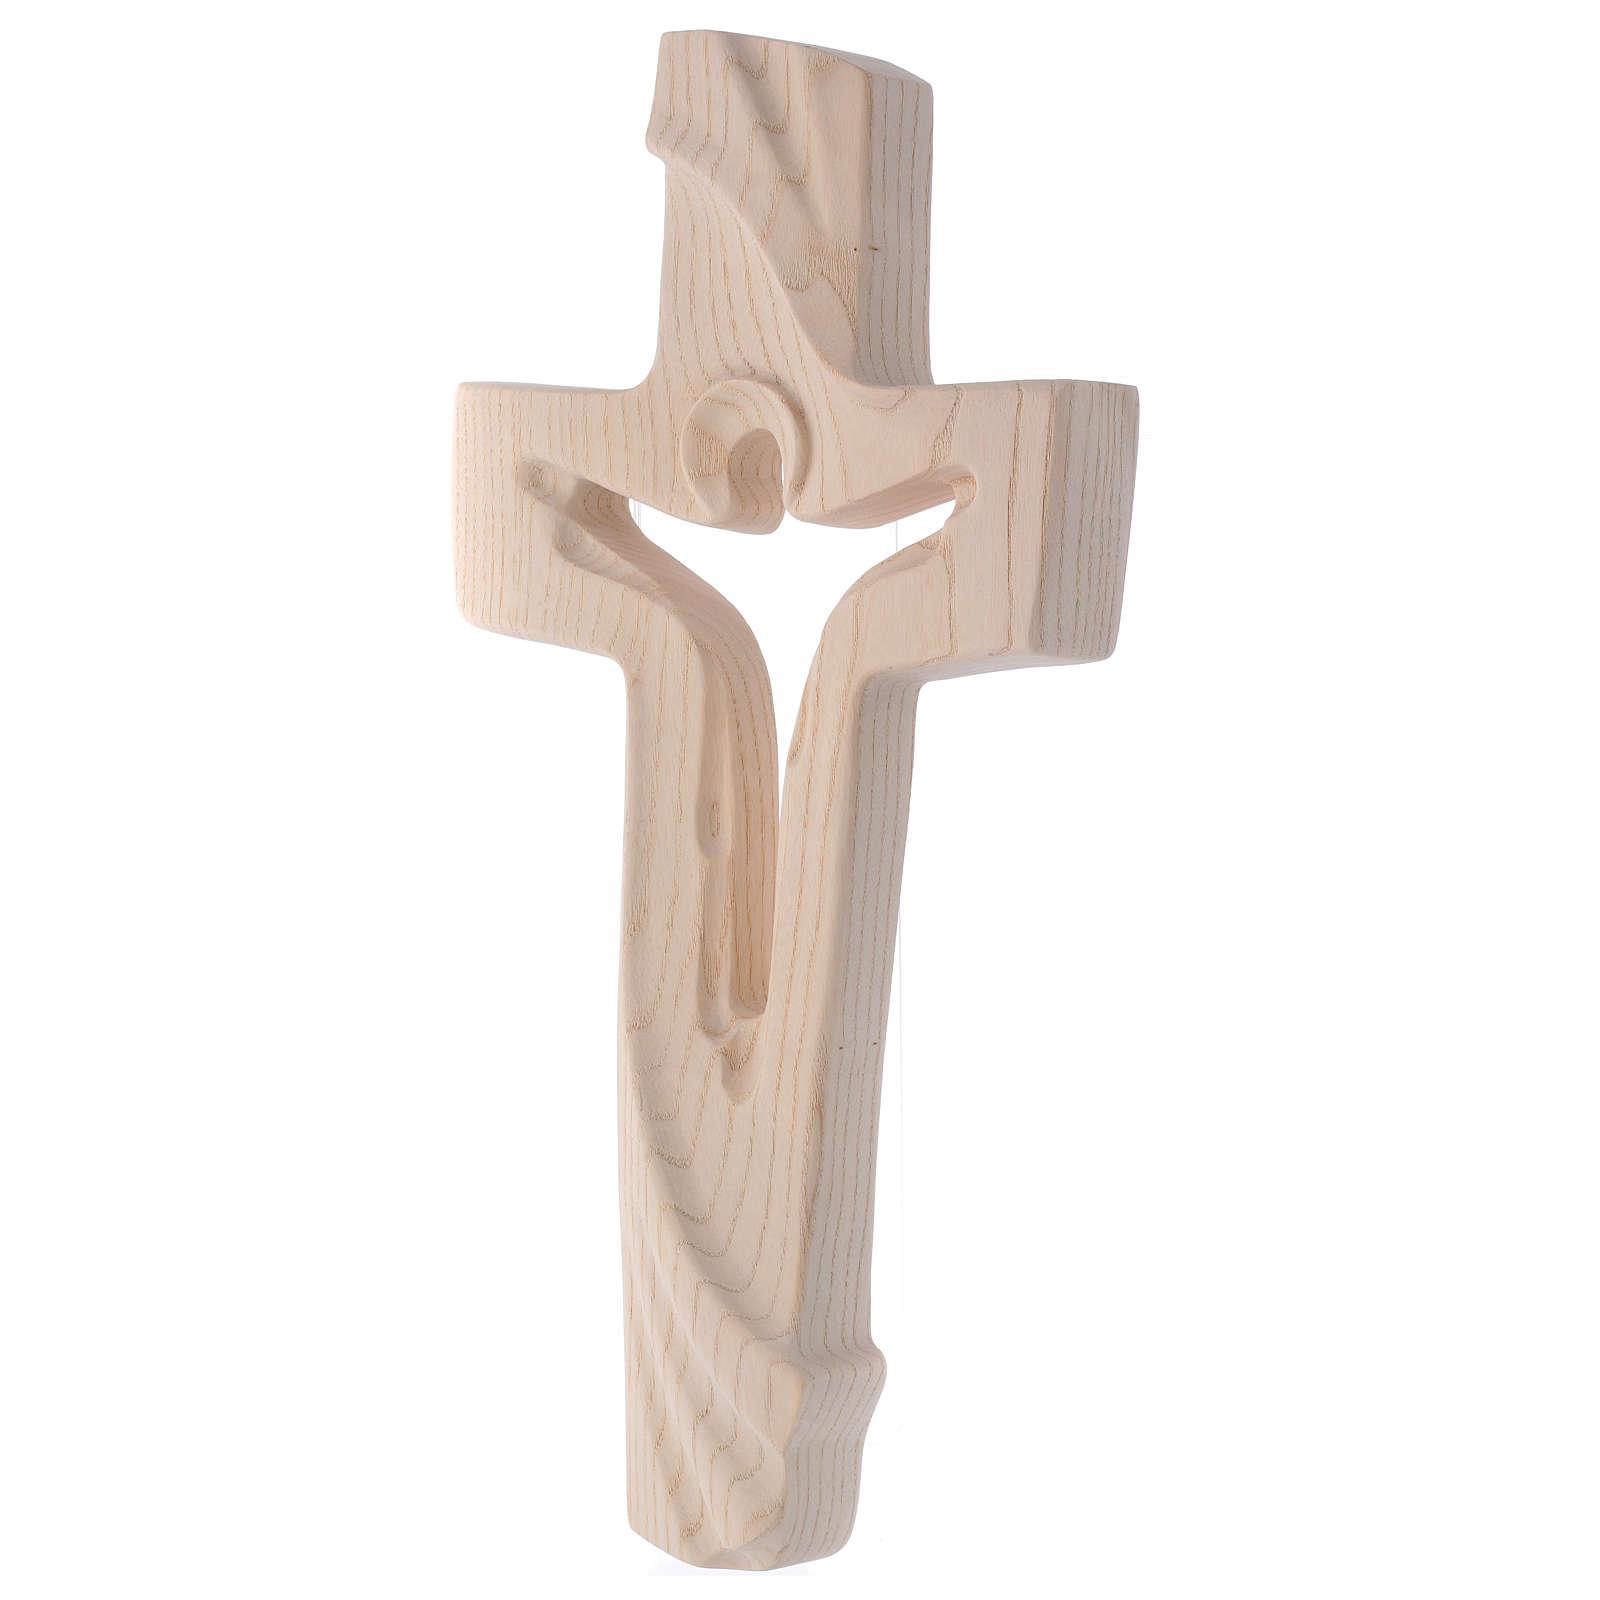 Croce ambiente Design Rustico Risorto legno frassino Valgardena 4